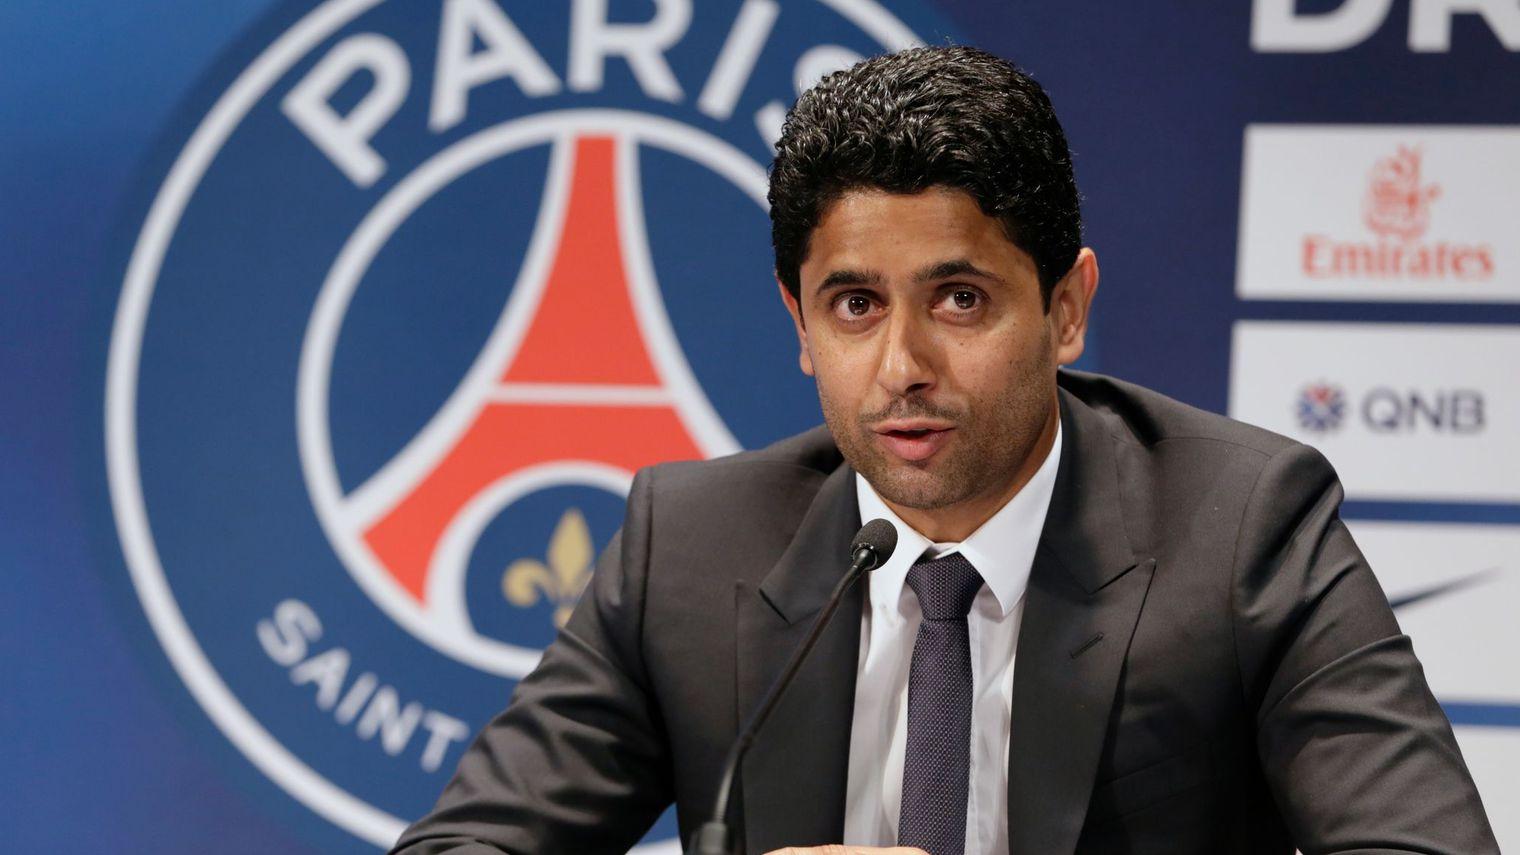 LiverpoolPSG - Al-Khelaïfi Un match difficile...mais on a une belle équipe et le meilleur entraîneur du monde